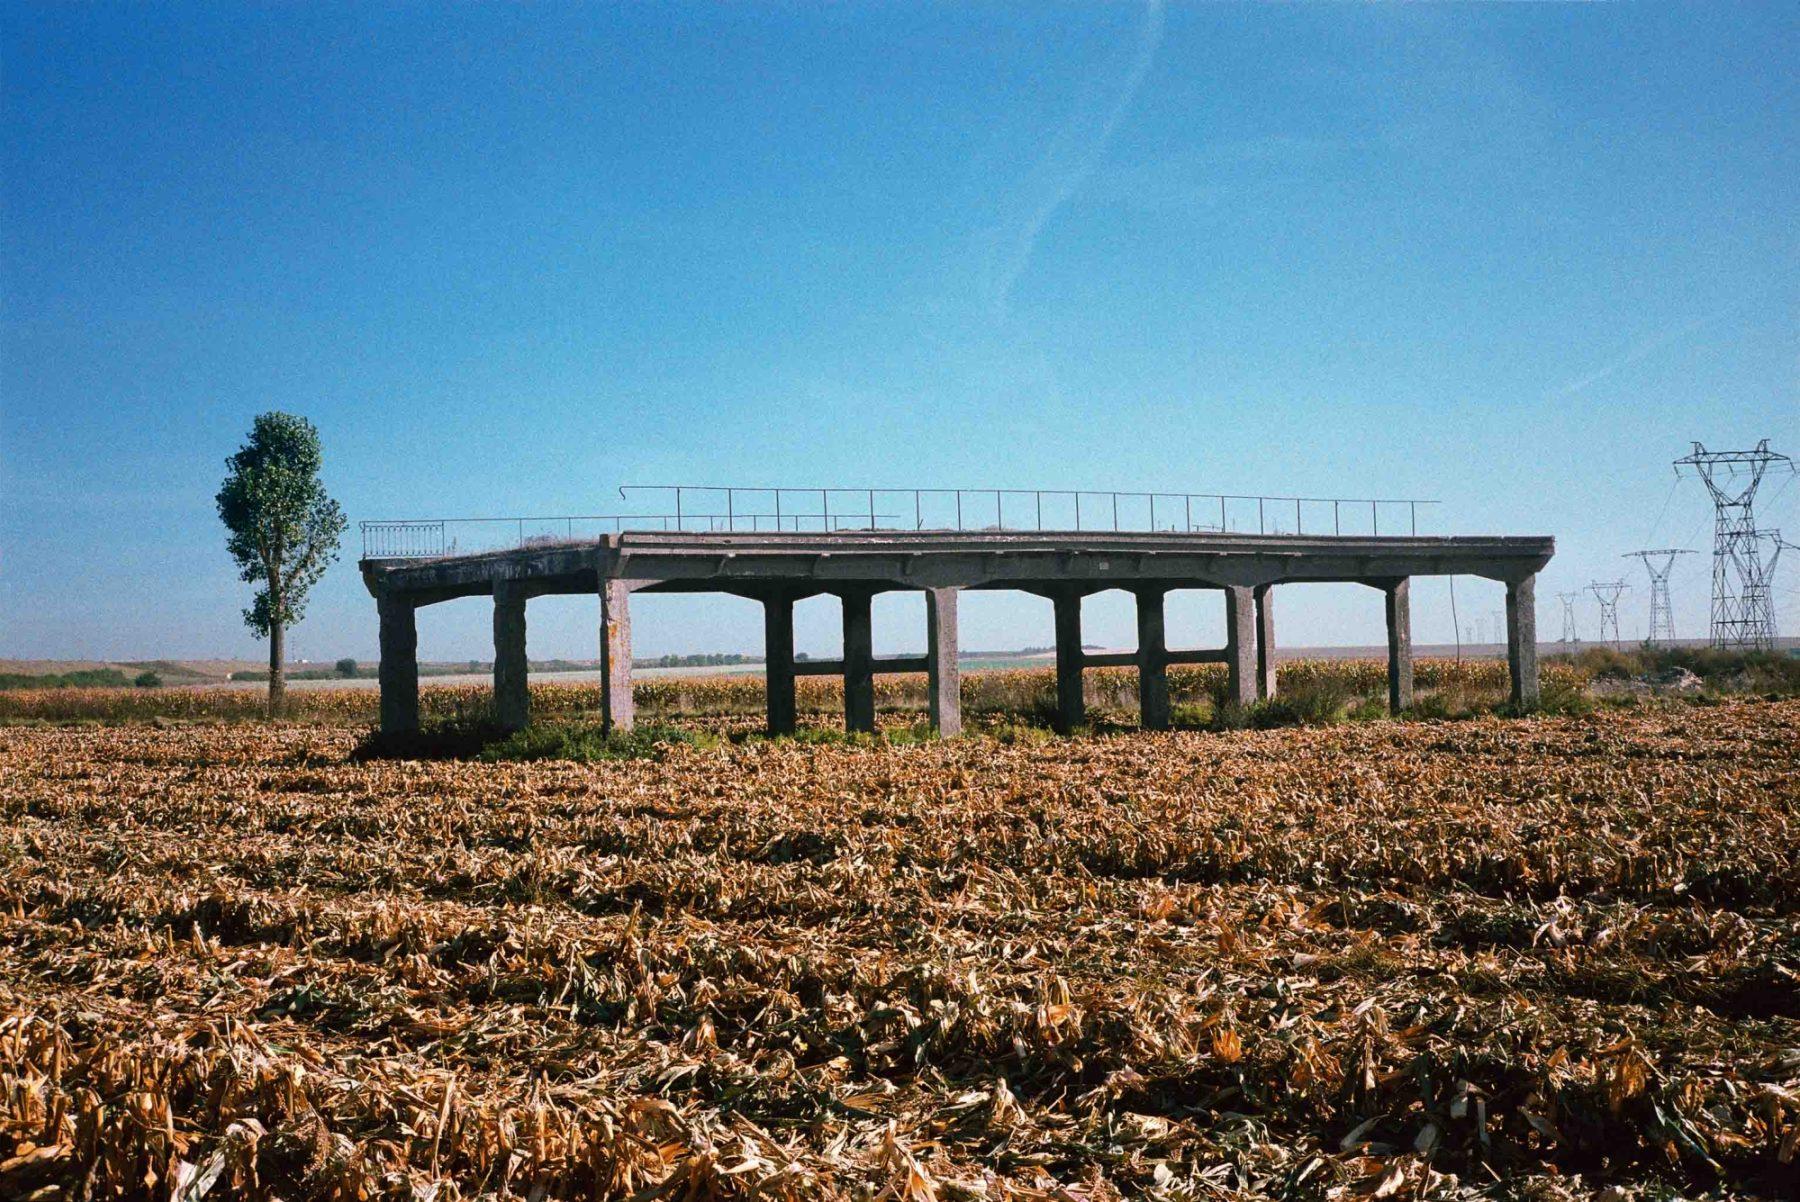 Bridge monument, Germany 1985